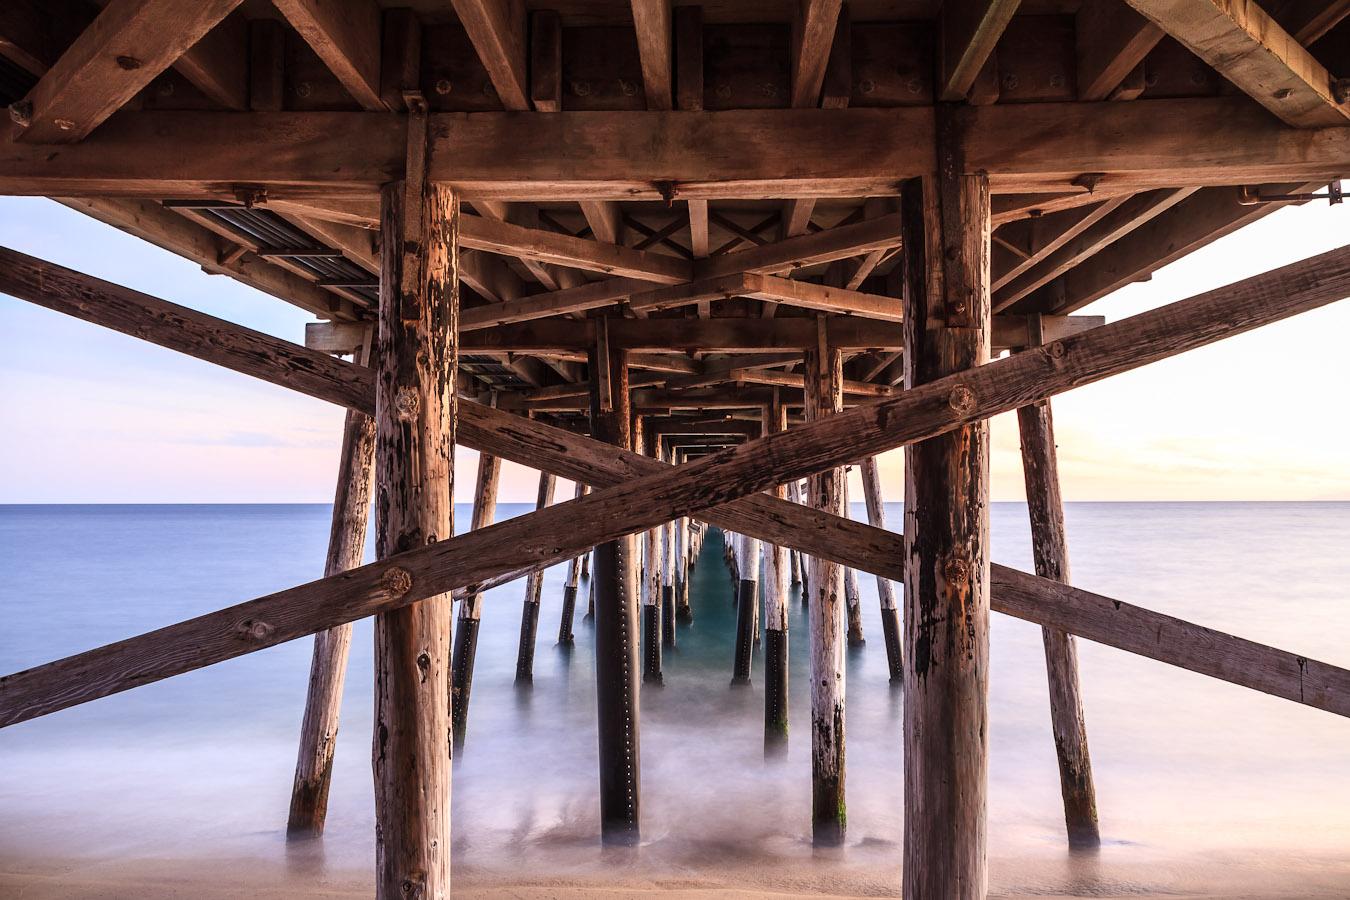 20121014_DDESAI_NewportBeachWorldWidePhotoWalk_103